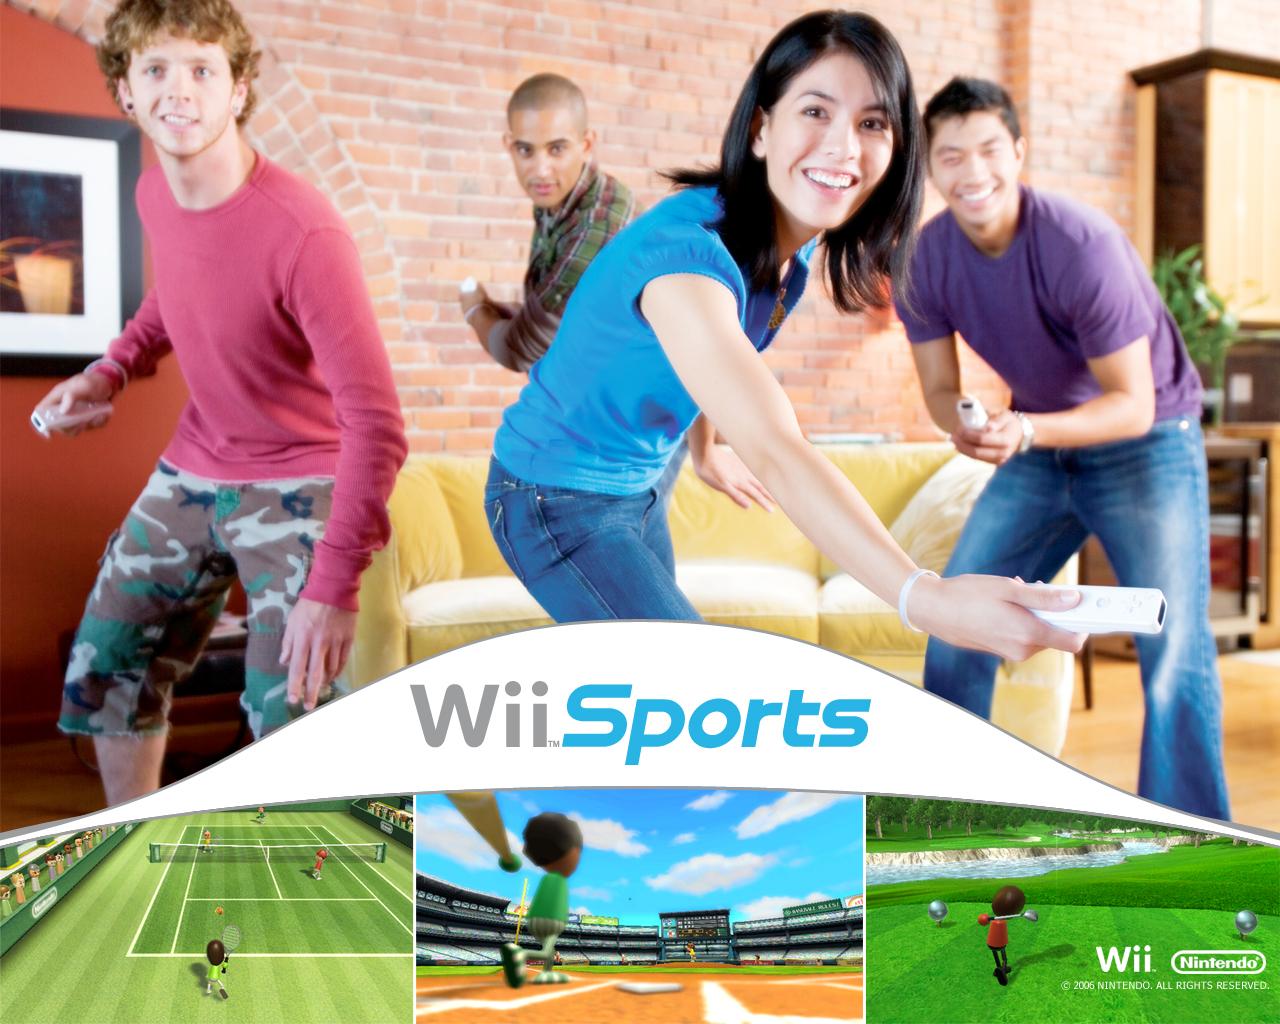 Wii Sports - Ein erster Versuch der virtuellen Realität